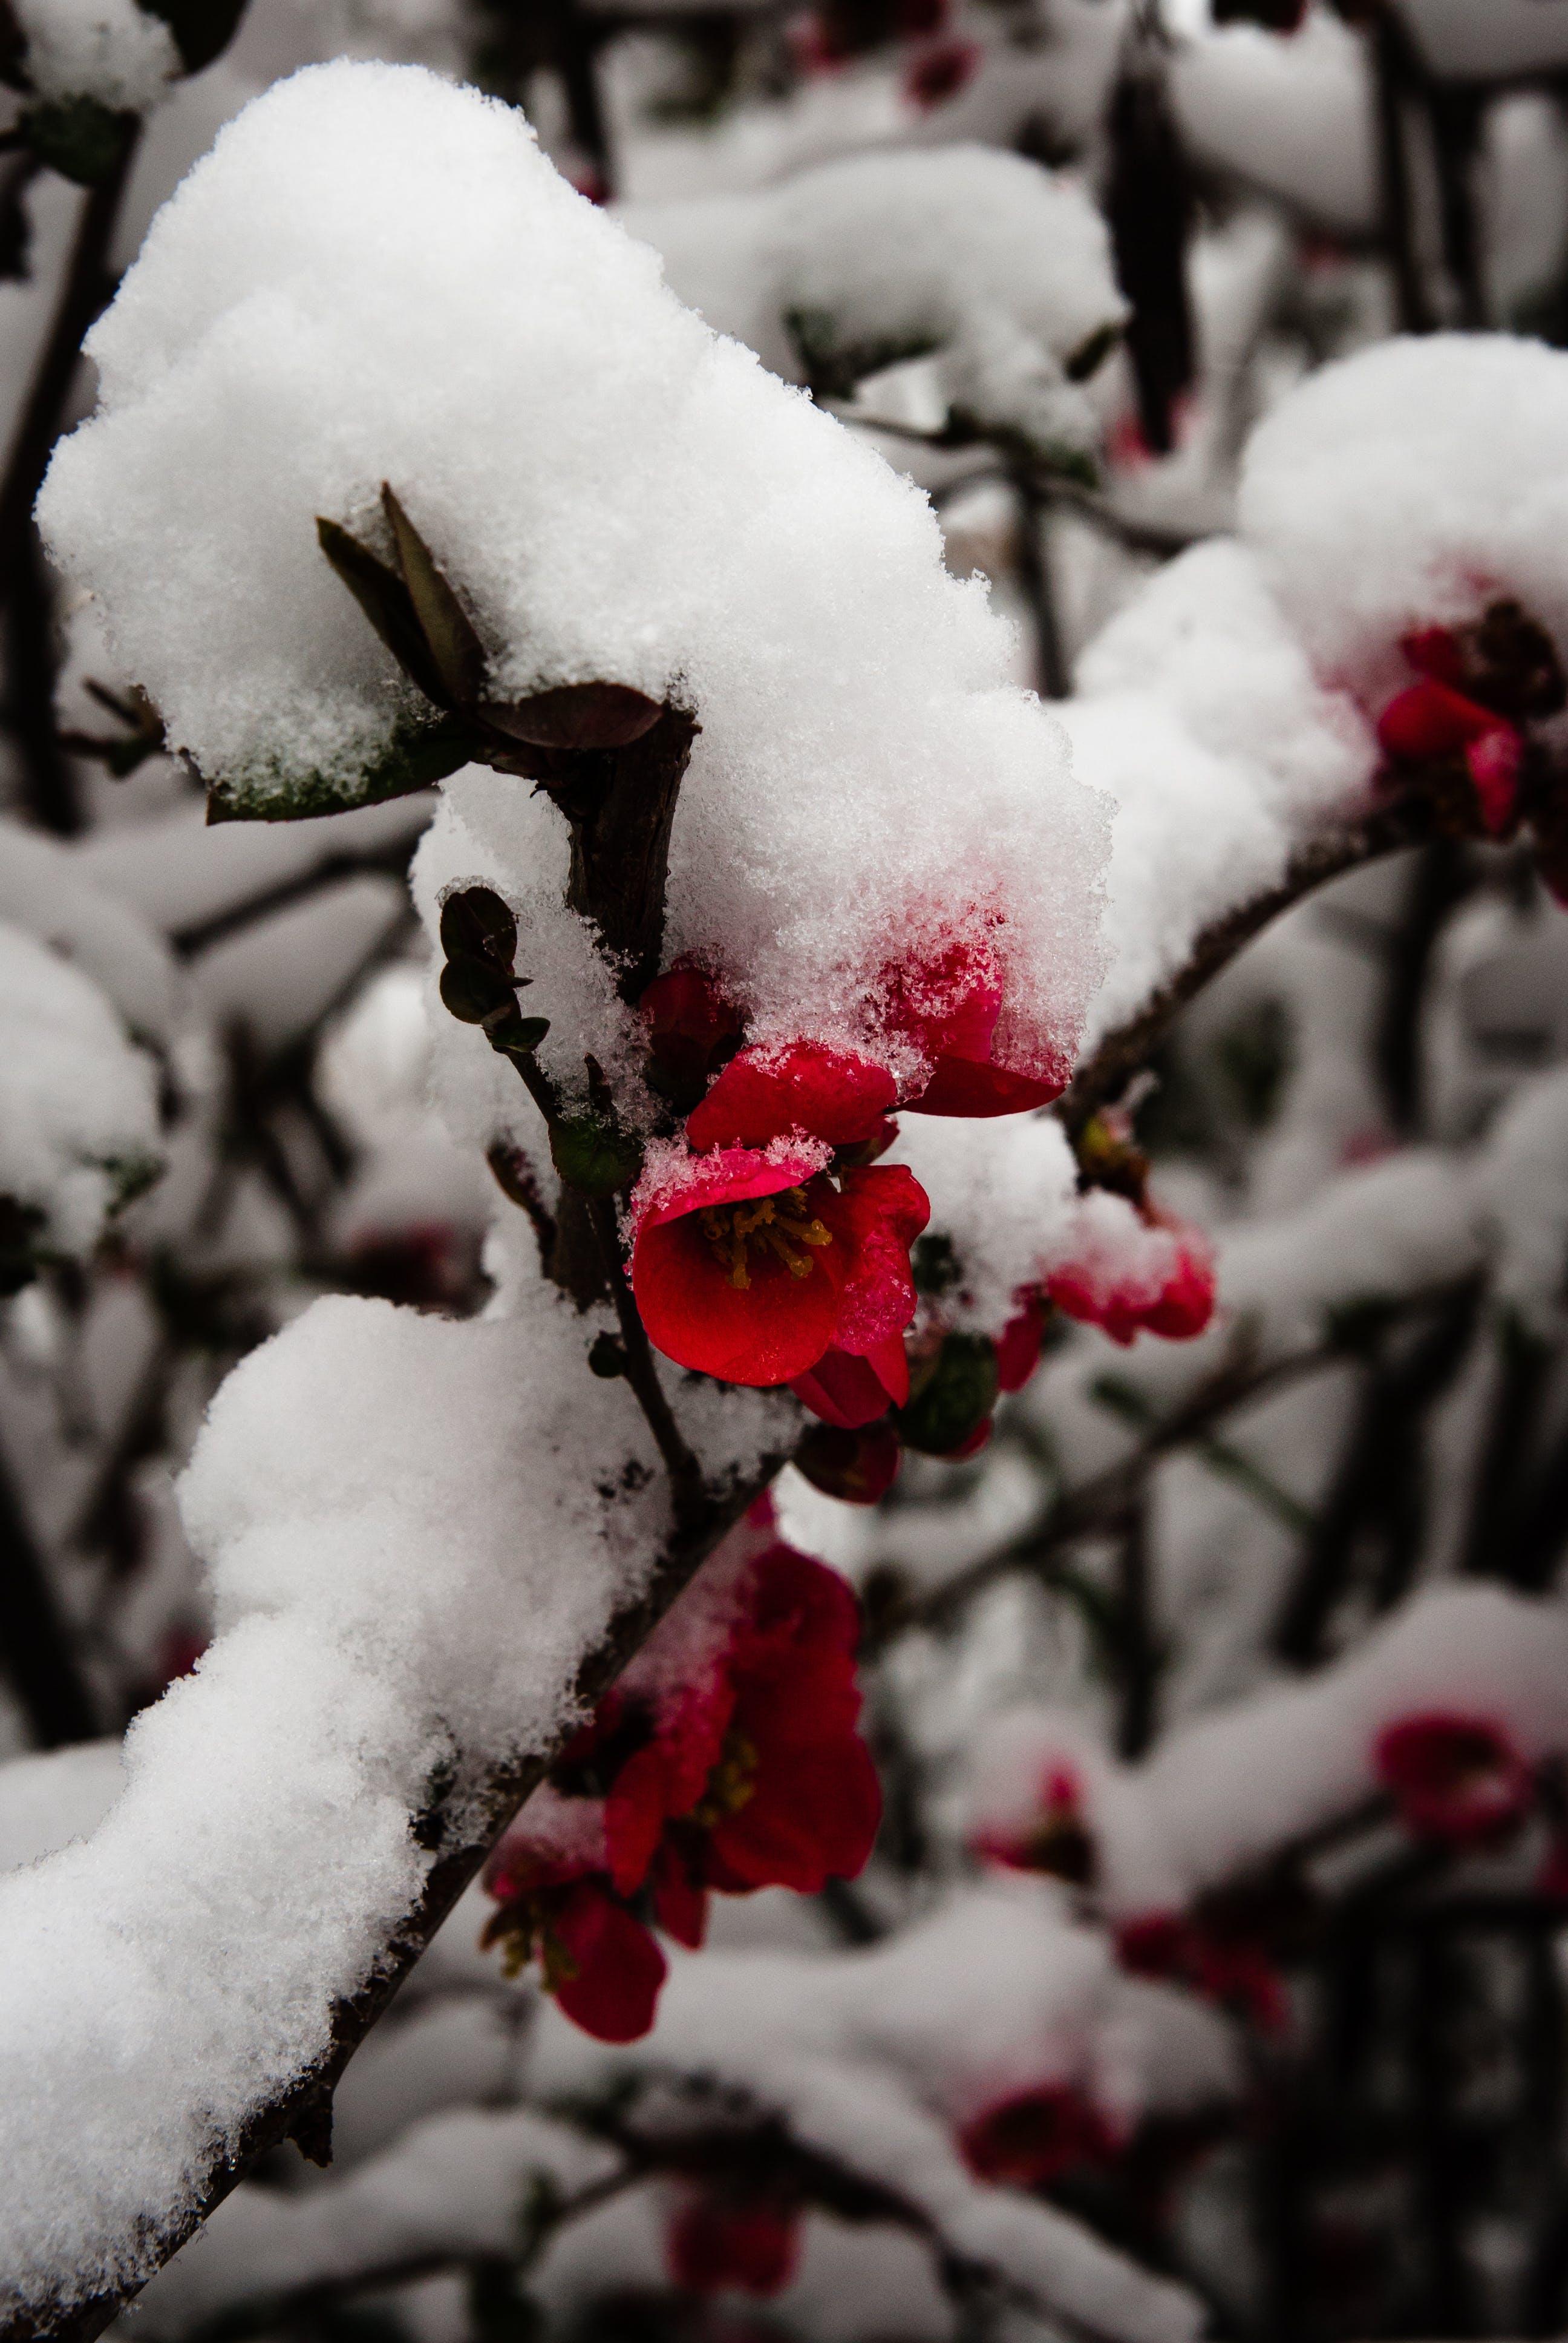 Gratis arkivbilde med blomst, mørk, re, rød